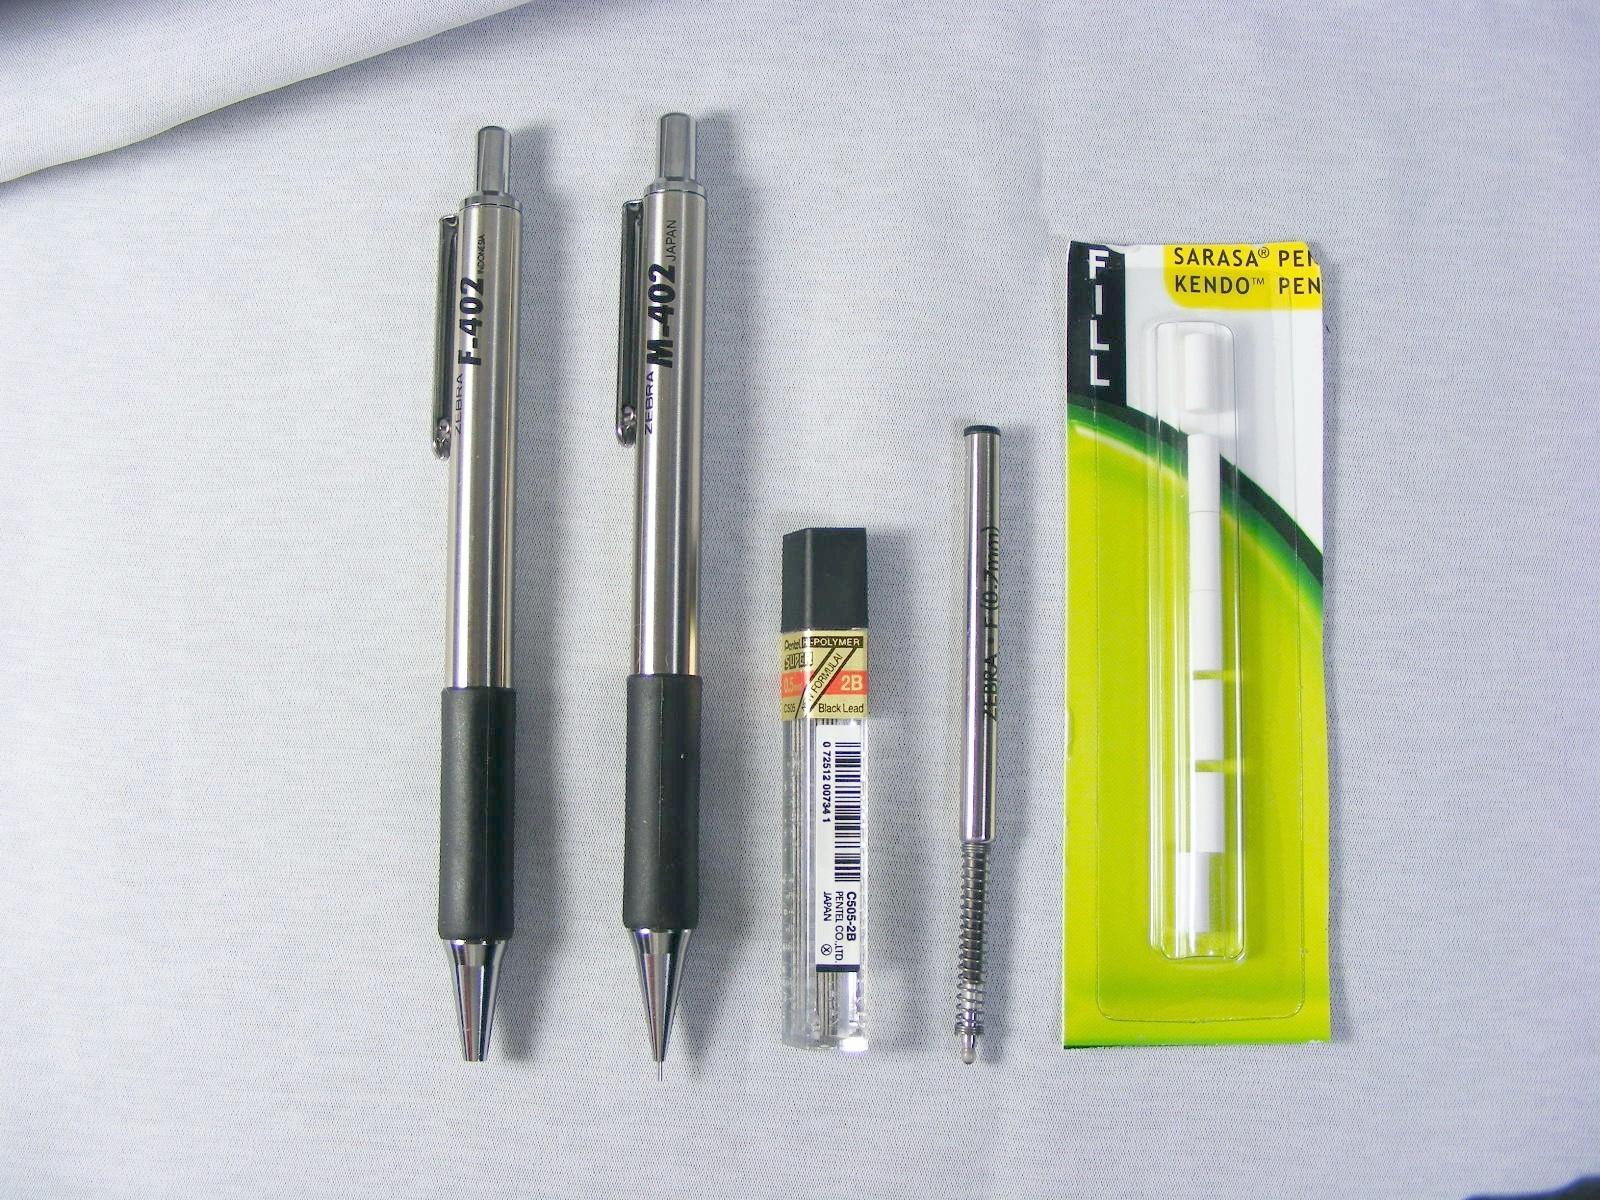 pens and pencils november 2009